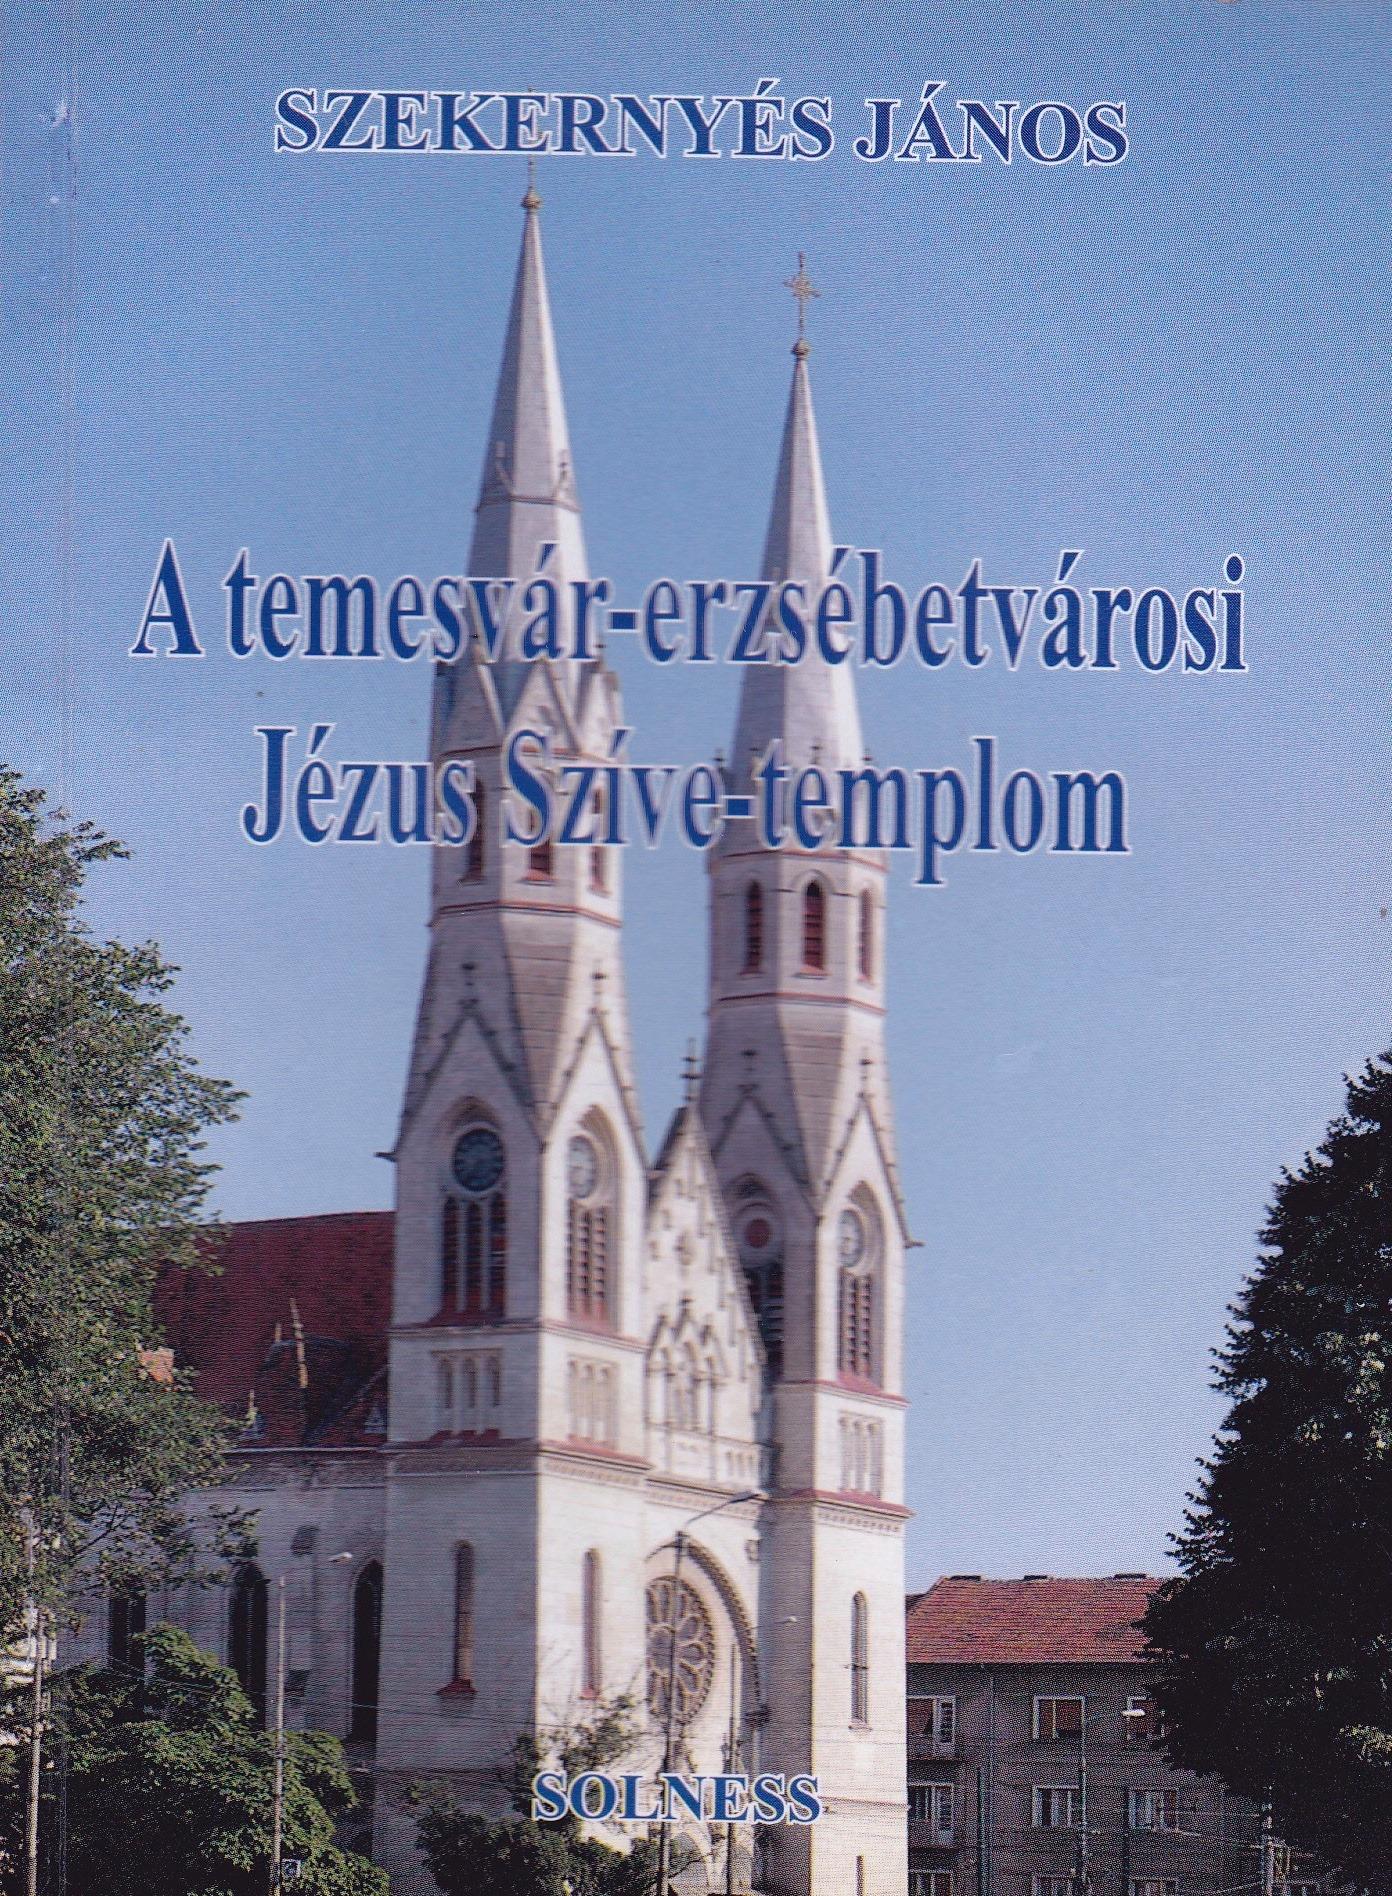 Temesvár-erzsébetvárosi Jézus Szíve-templom - Temesváros